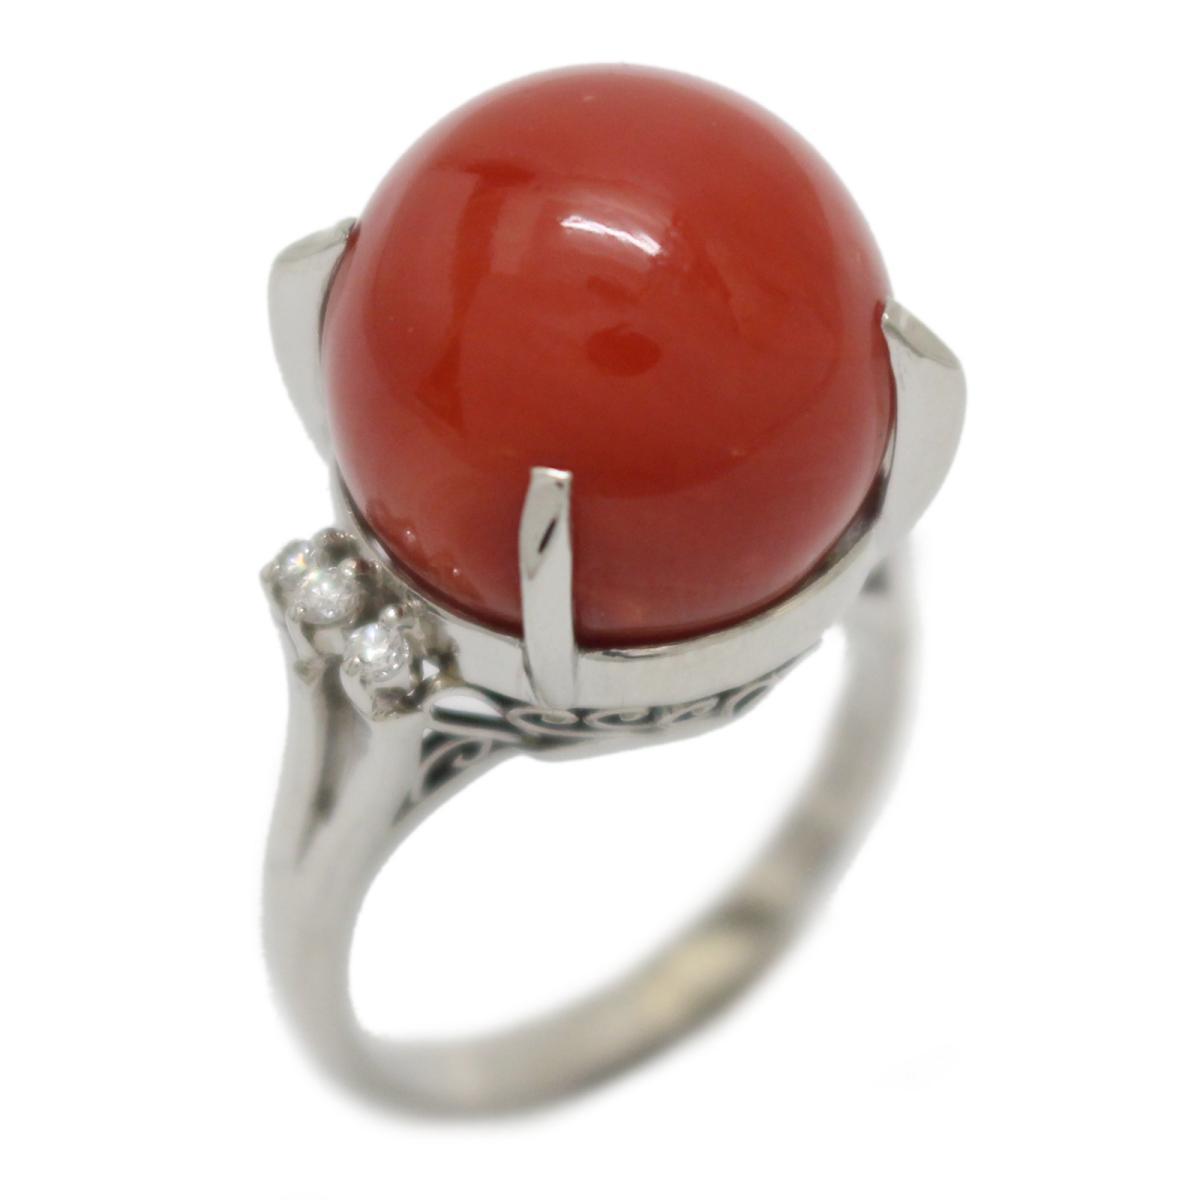 【中古】 ジュエリー サンゴ ダイヤモンド リング 指輪 レディース PT900 プラチナ x (14.19mm) (0.10ct) | JEWELRY BRANDOFF ブランドオフ ブランド アクセサリー